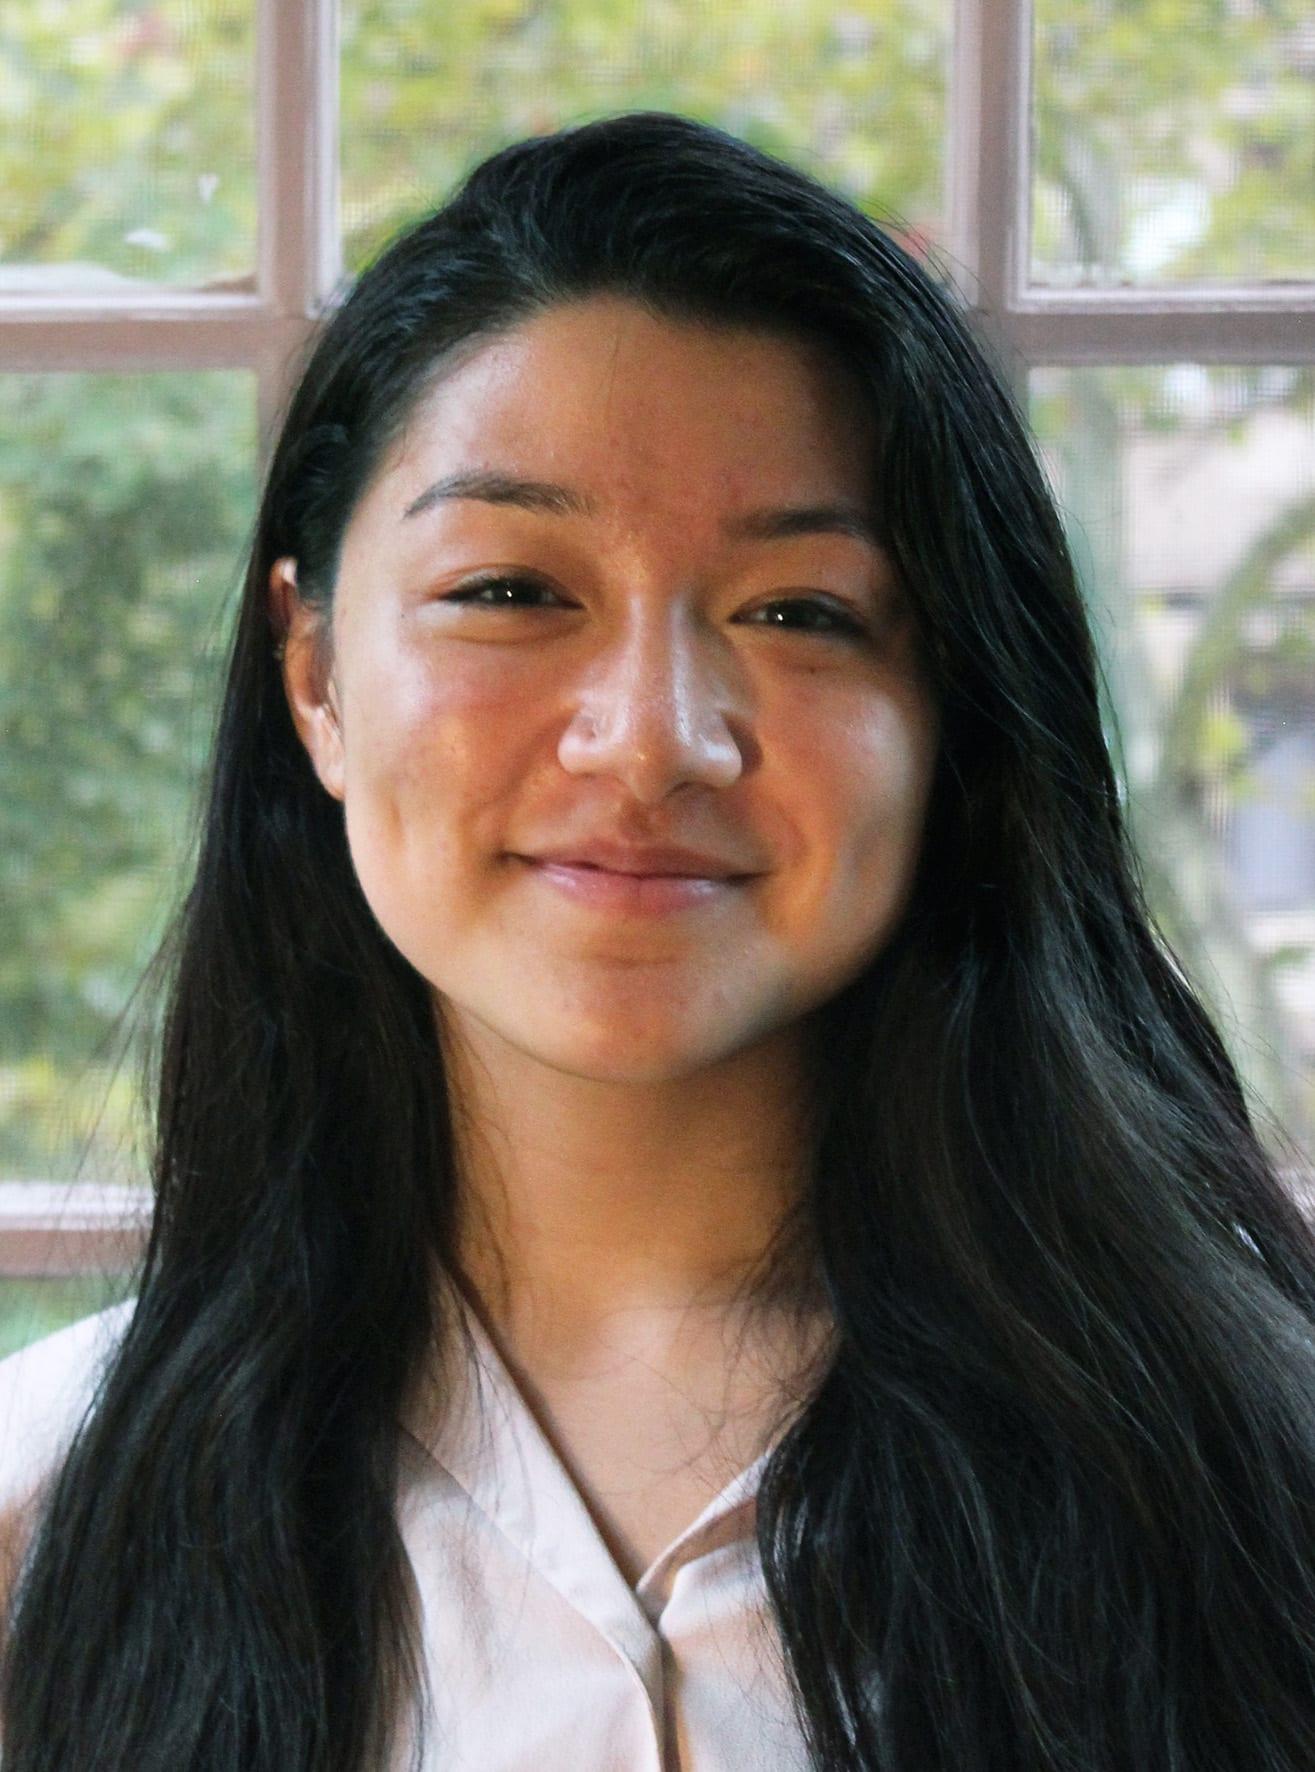 Isabel Reyes